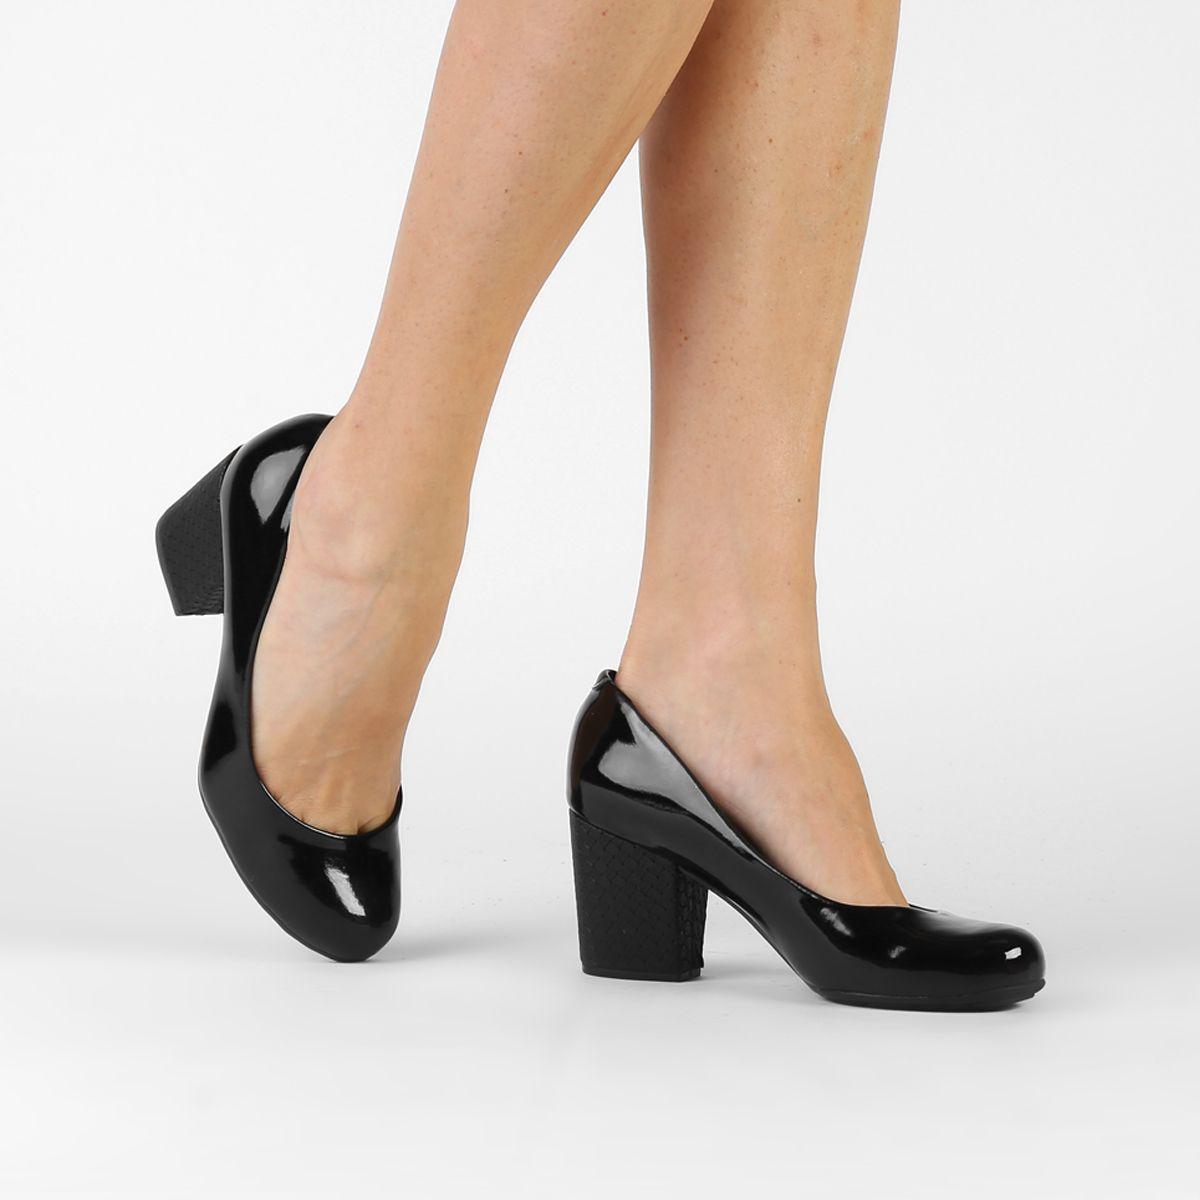 520a0c2cba Compre Scarpin Moleca Salto Grosso Preto na Zattini a nova loja de moda  online da Netshoes. Encontre Sapatos